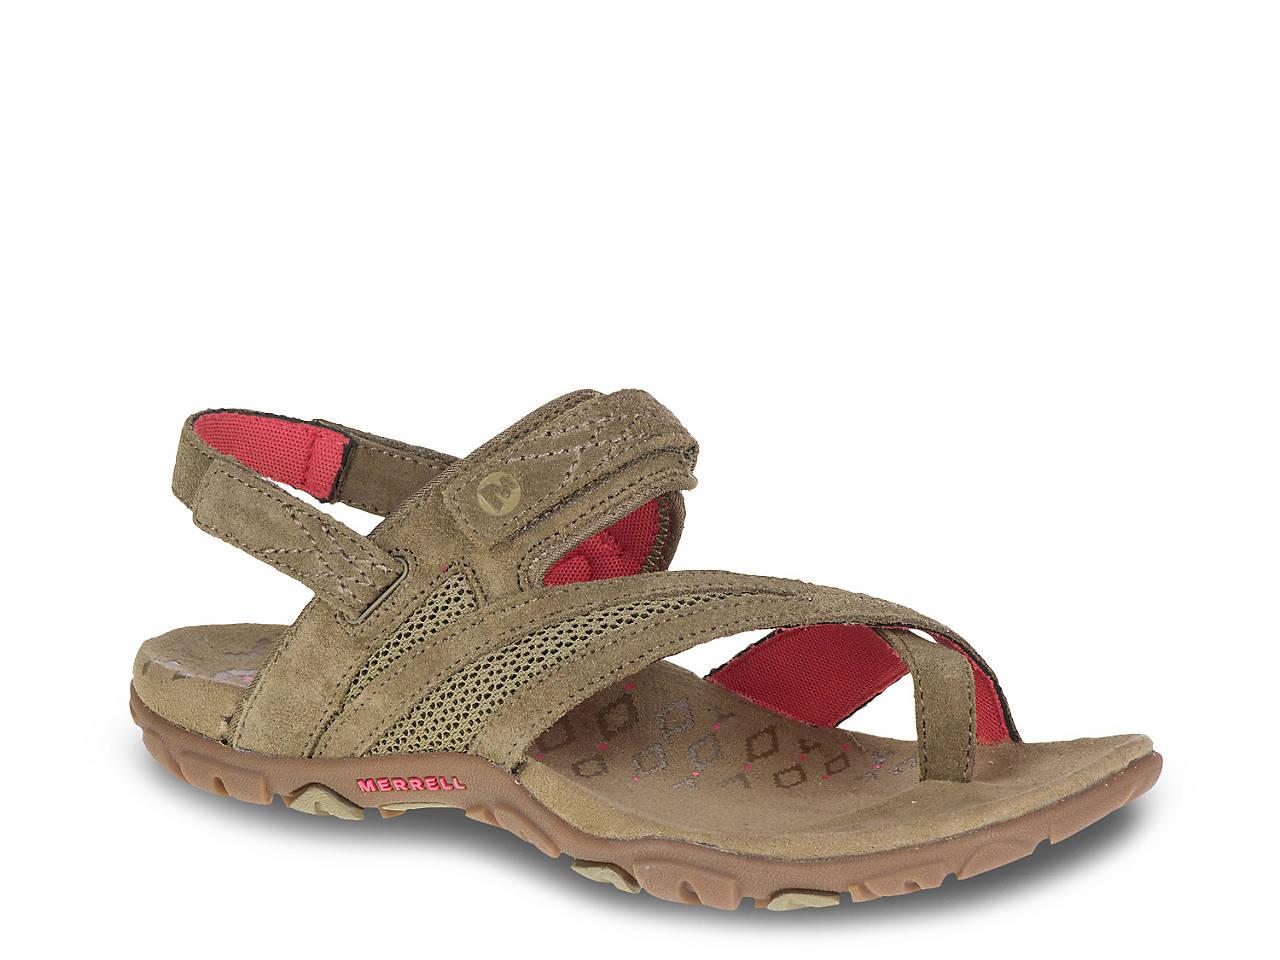 37796fc2b126 Merrell Sandspur Delta Sport Sandal Women s Shoes